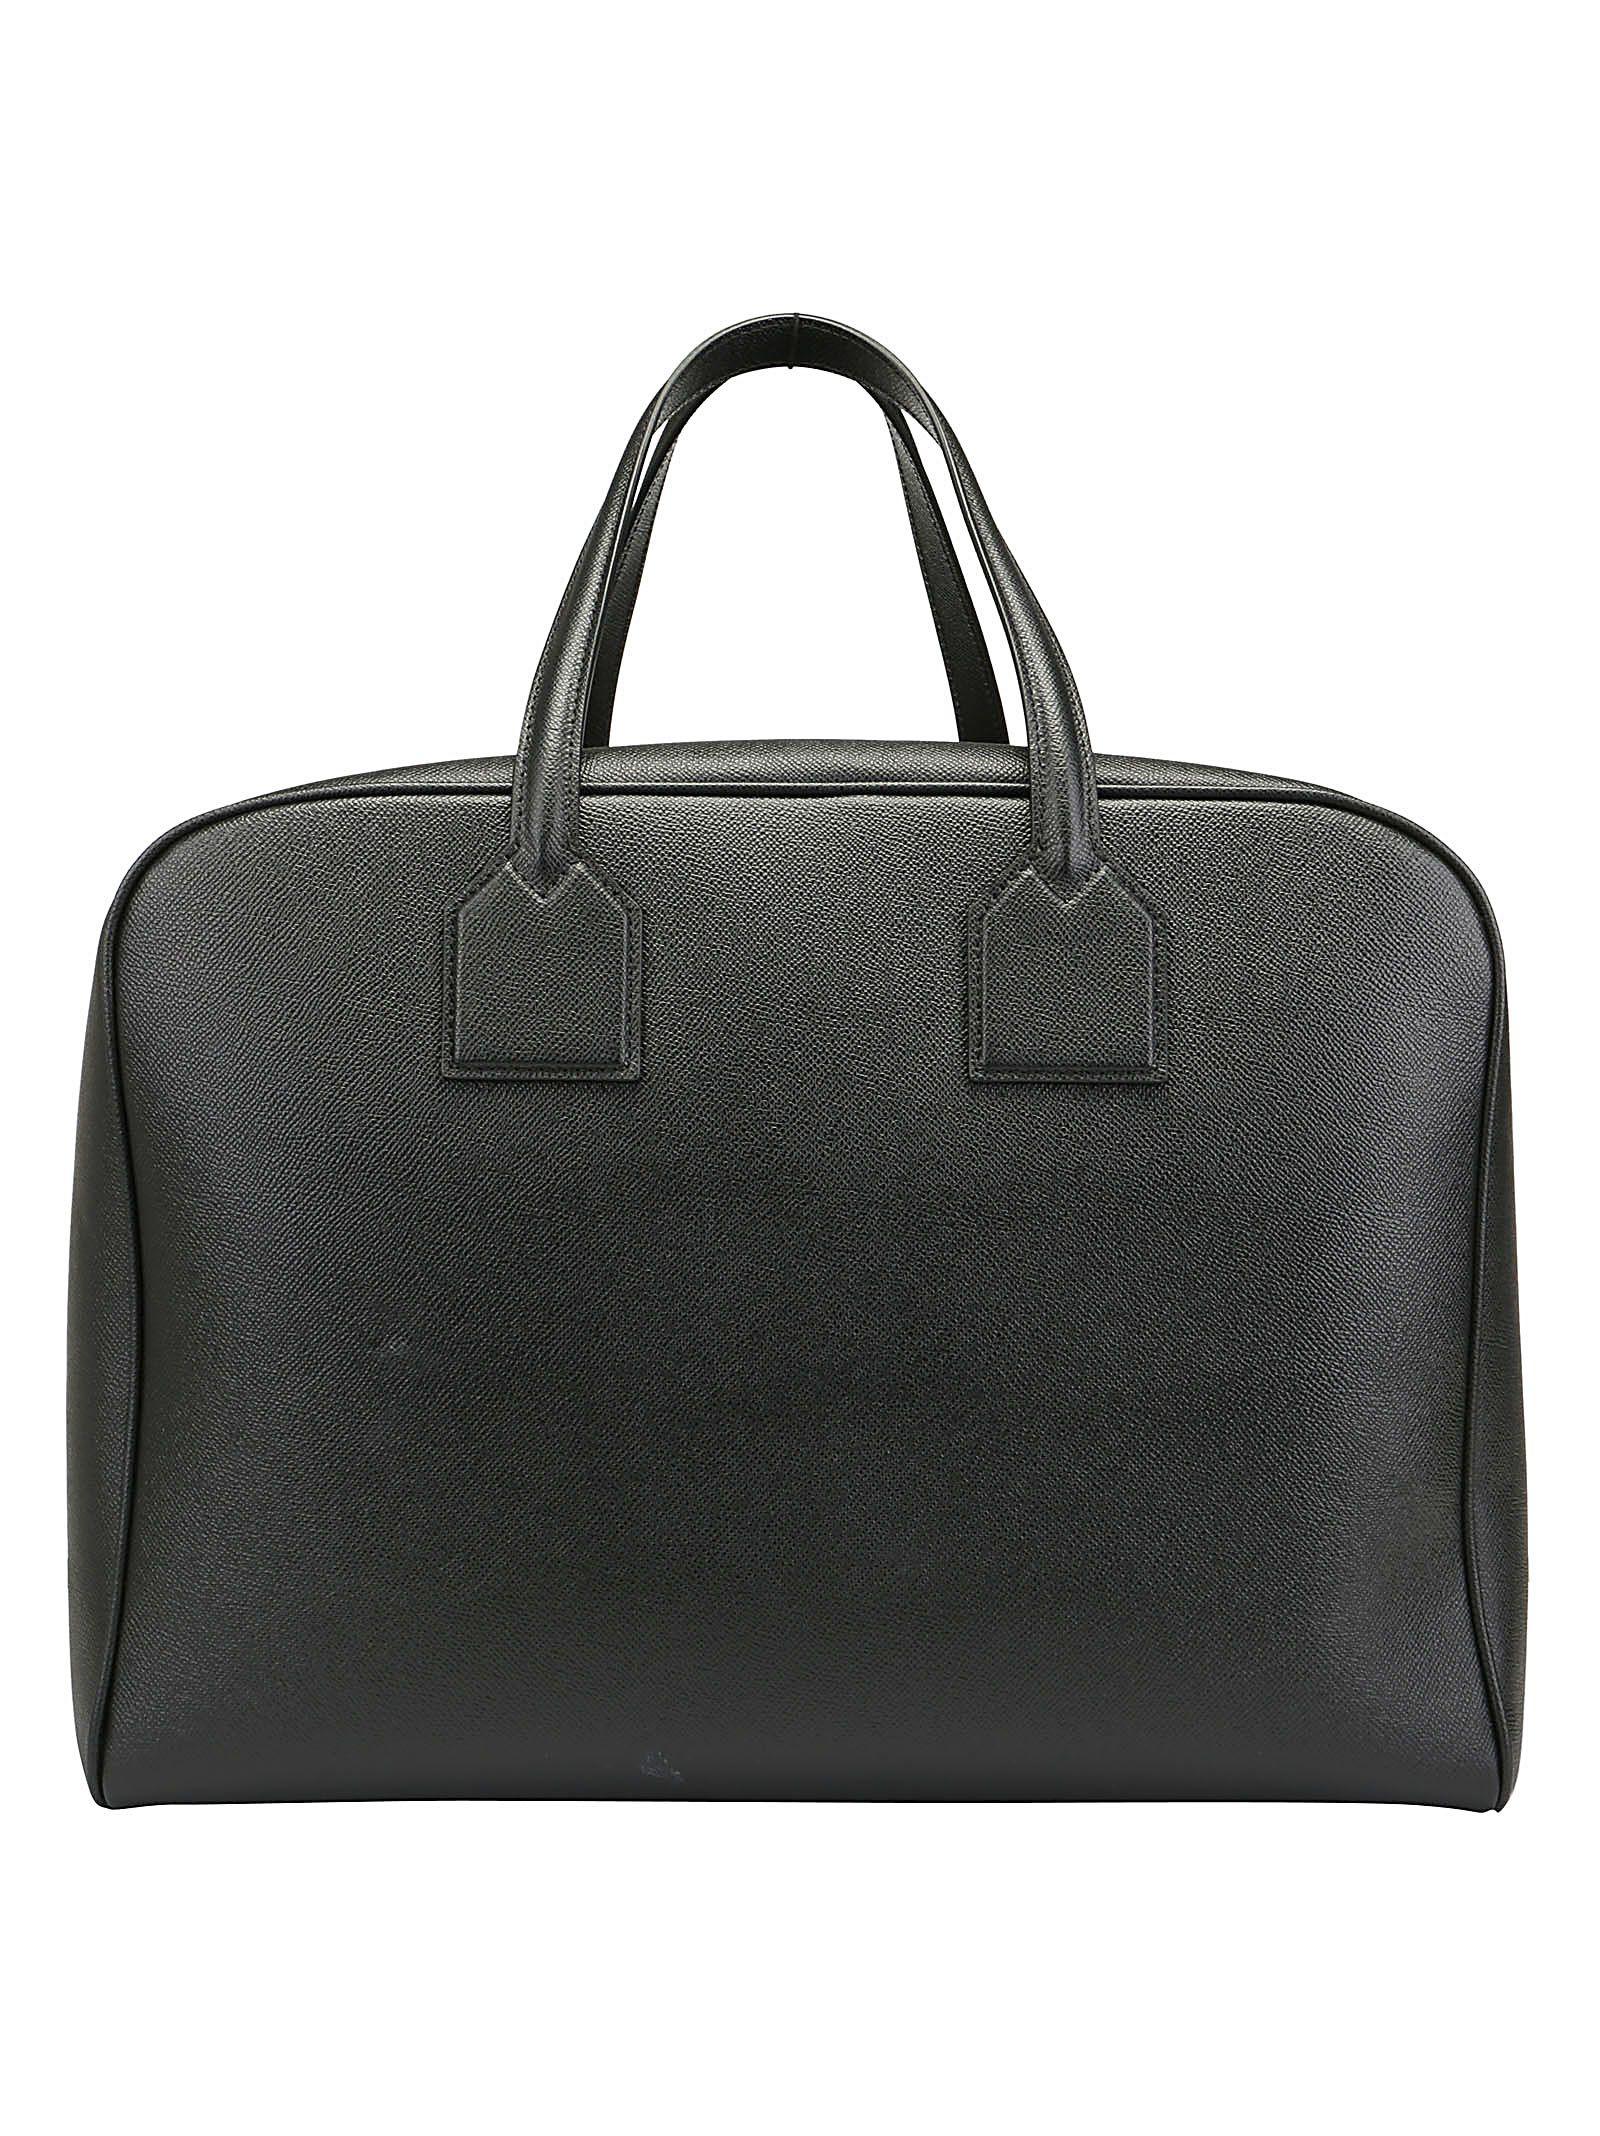 Burberry Travel Burberry Travel Bag